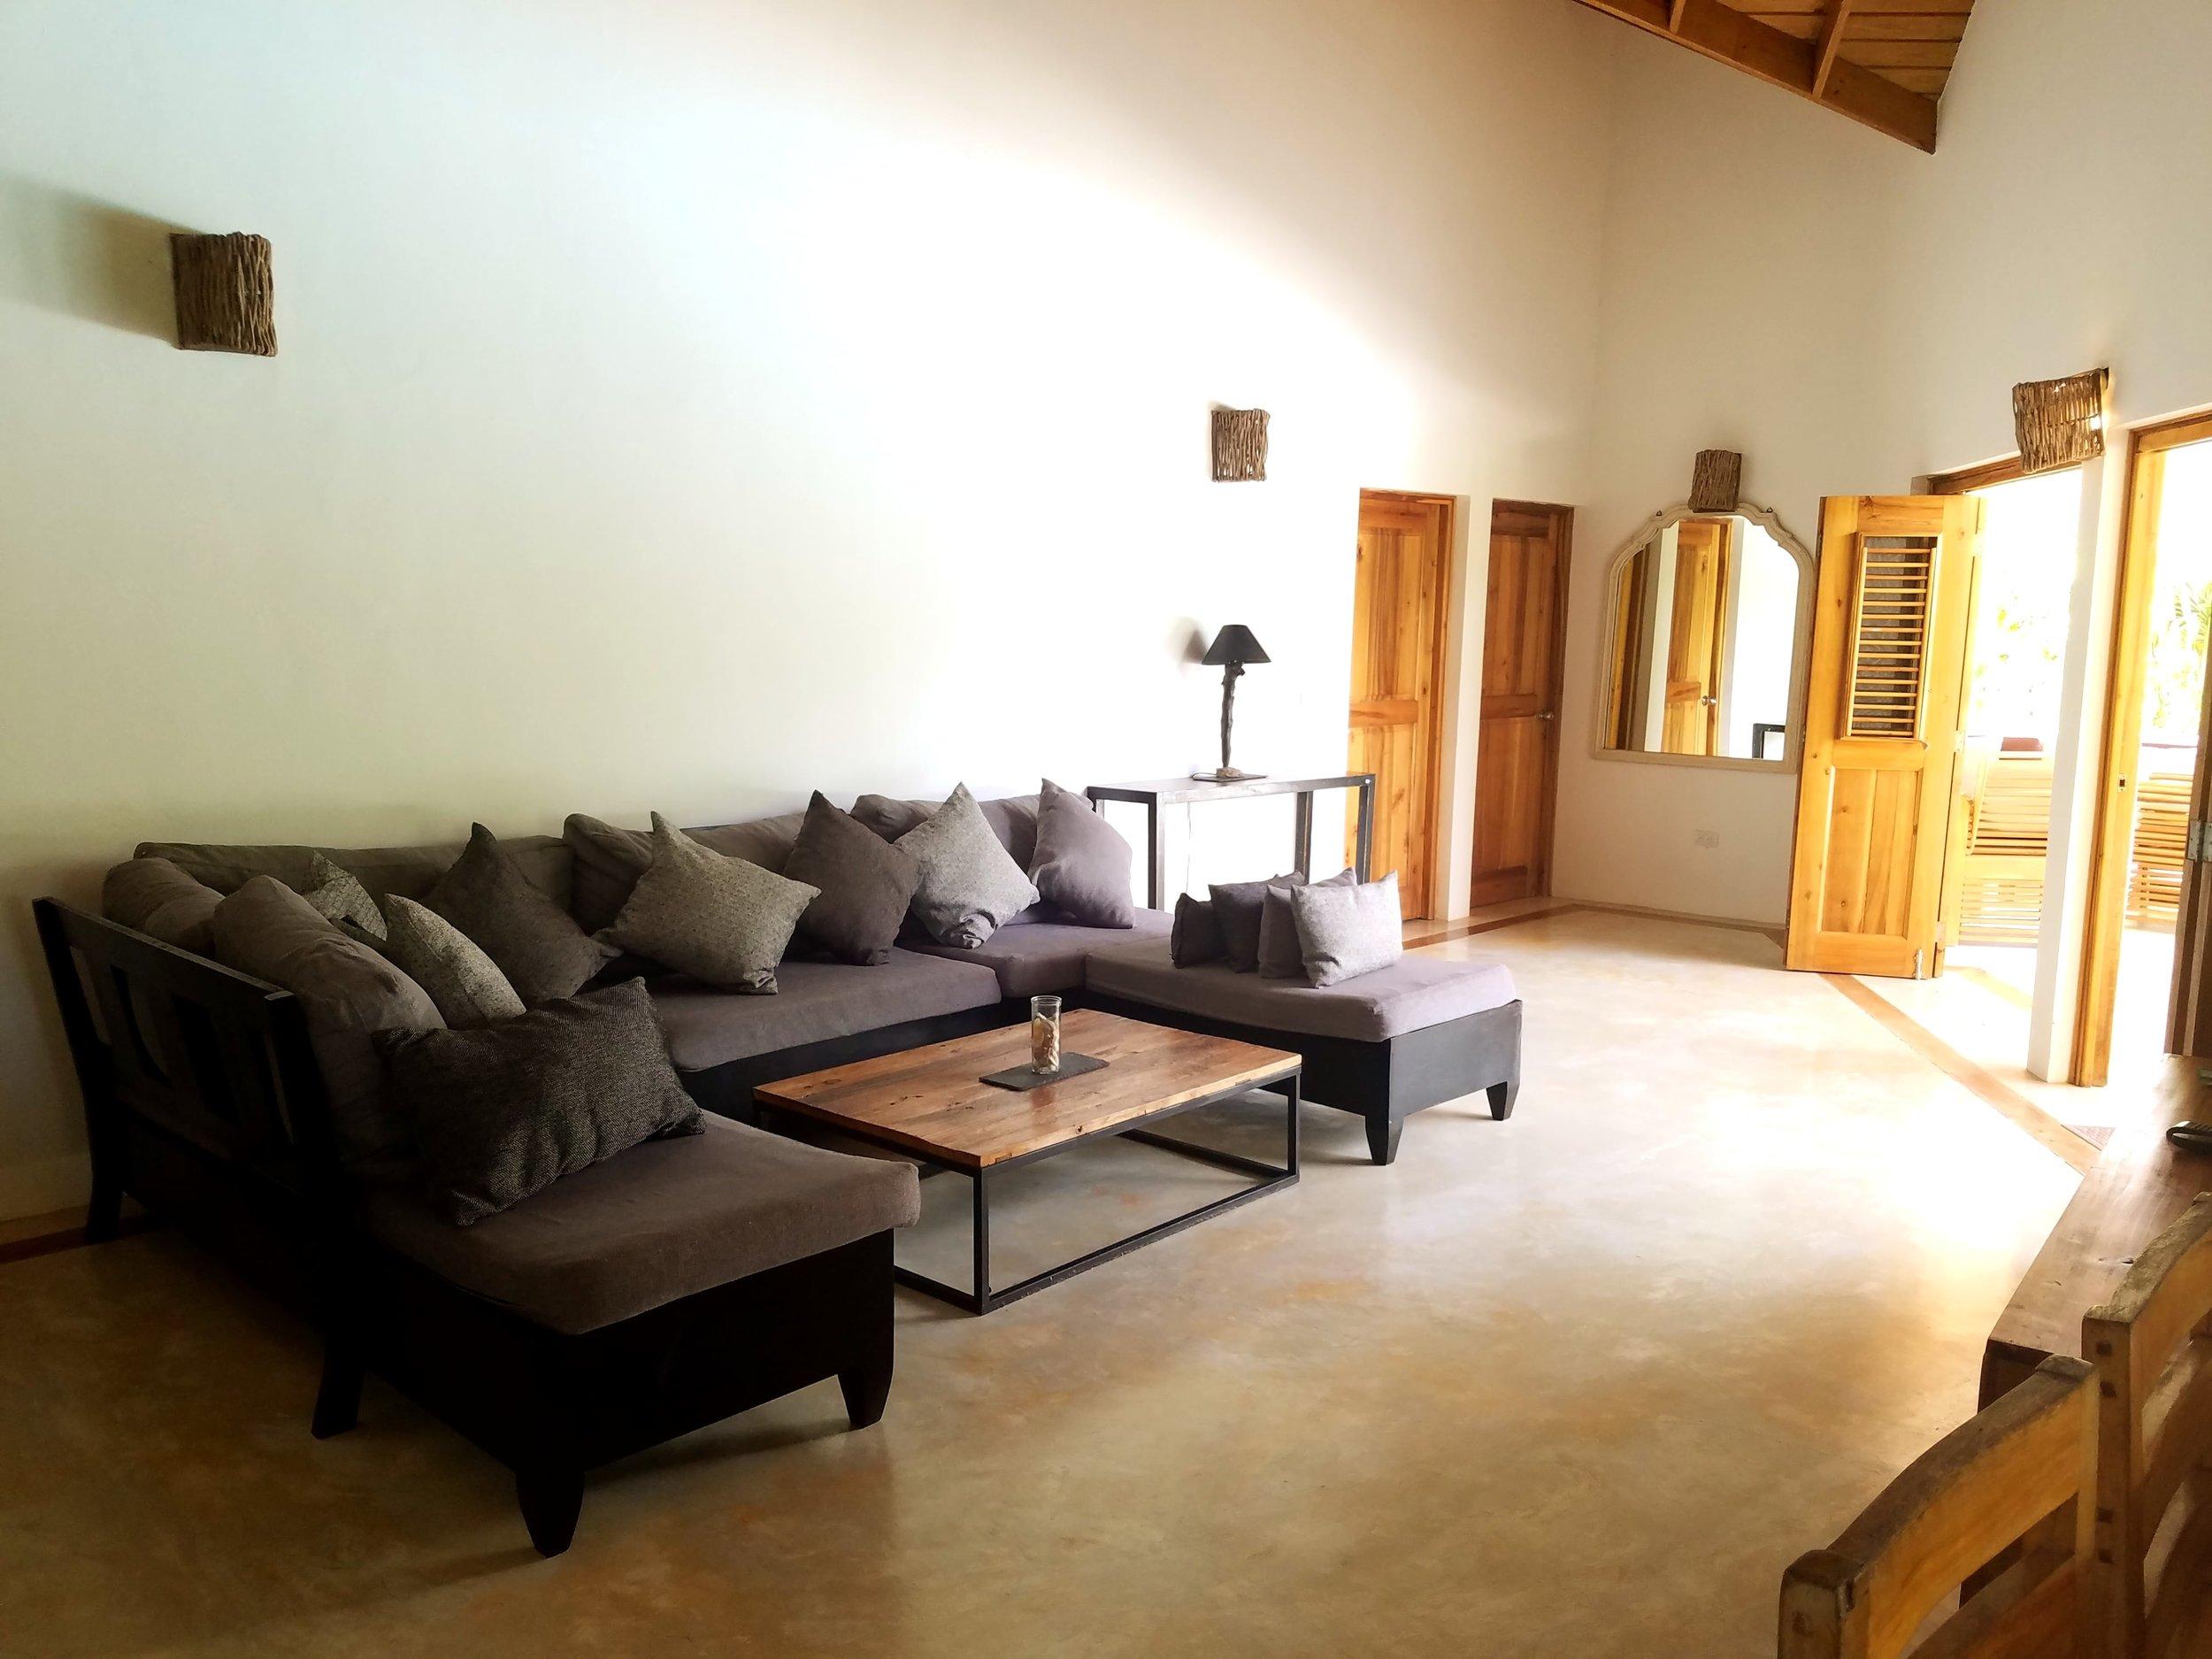 Villa las for rent Las Terrenas Las Flores16-min.jpg